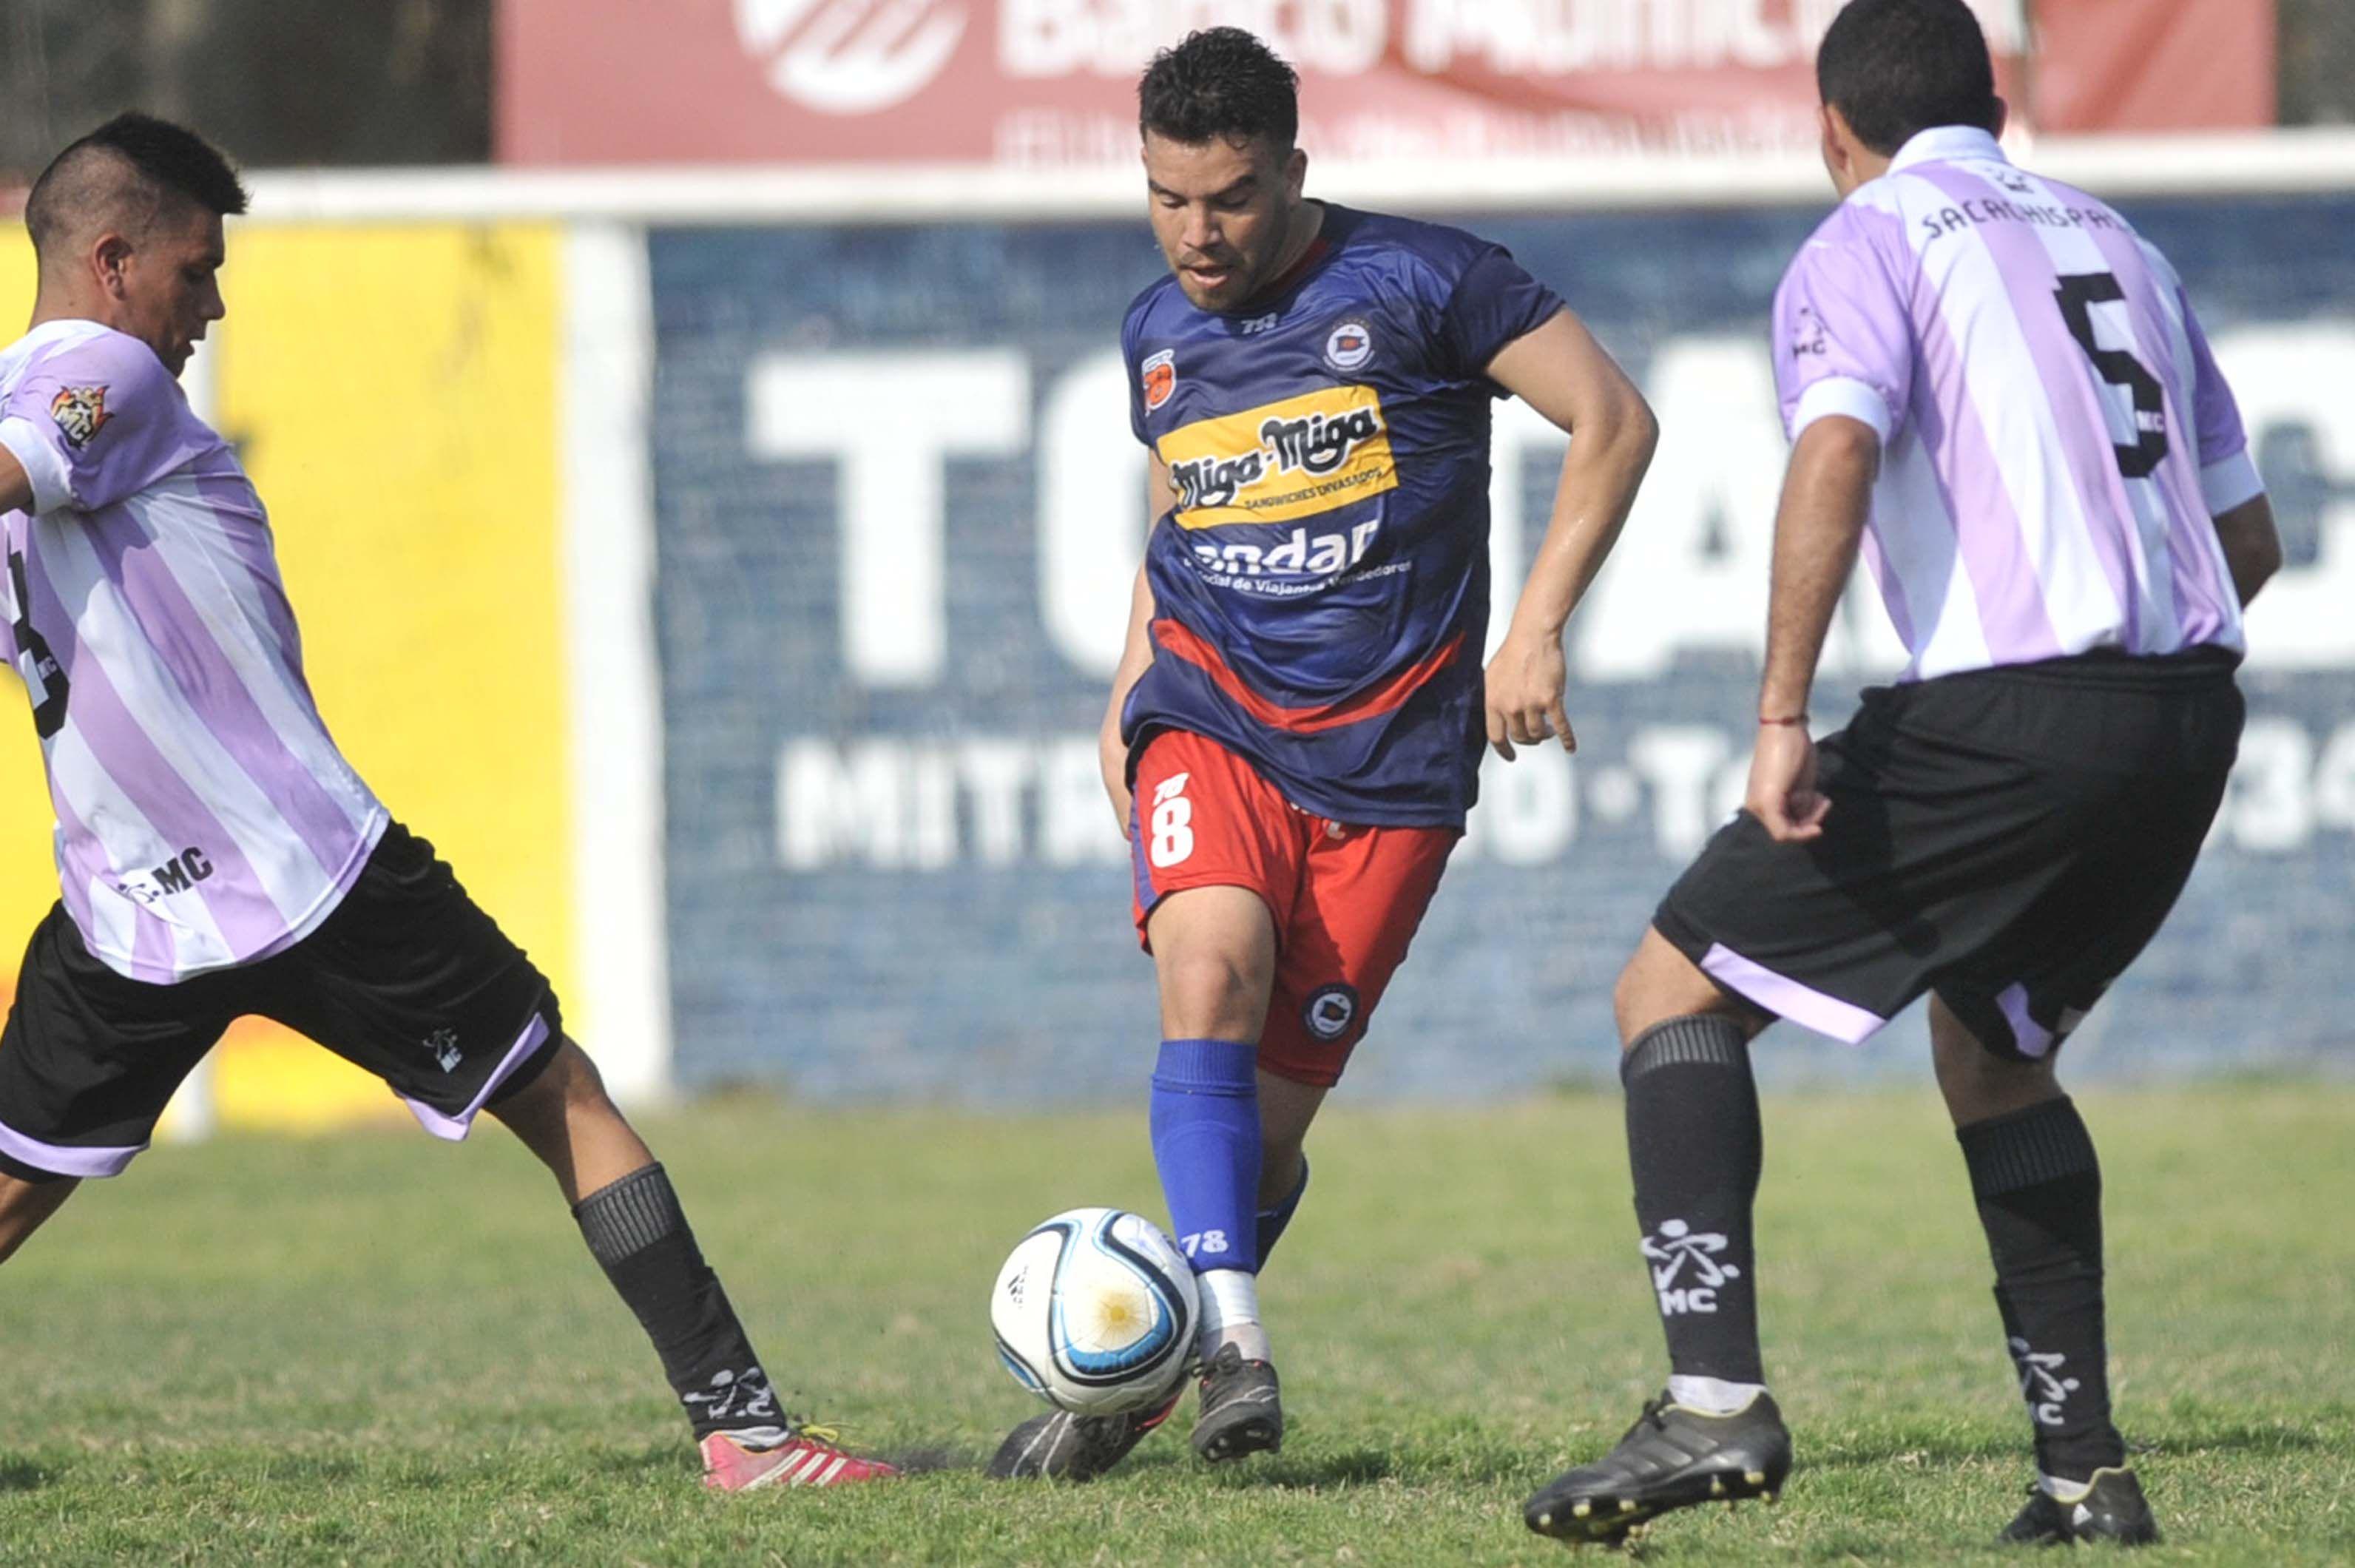 El mejor. Funes fue una pieza fundamental en el equipo de Cuffaro Russo.  (Alfredo Celoria / La Capital)